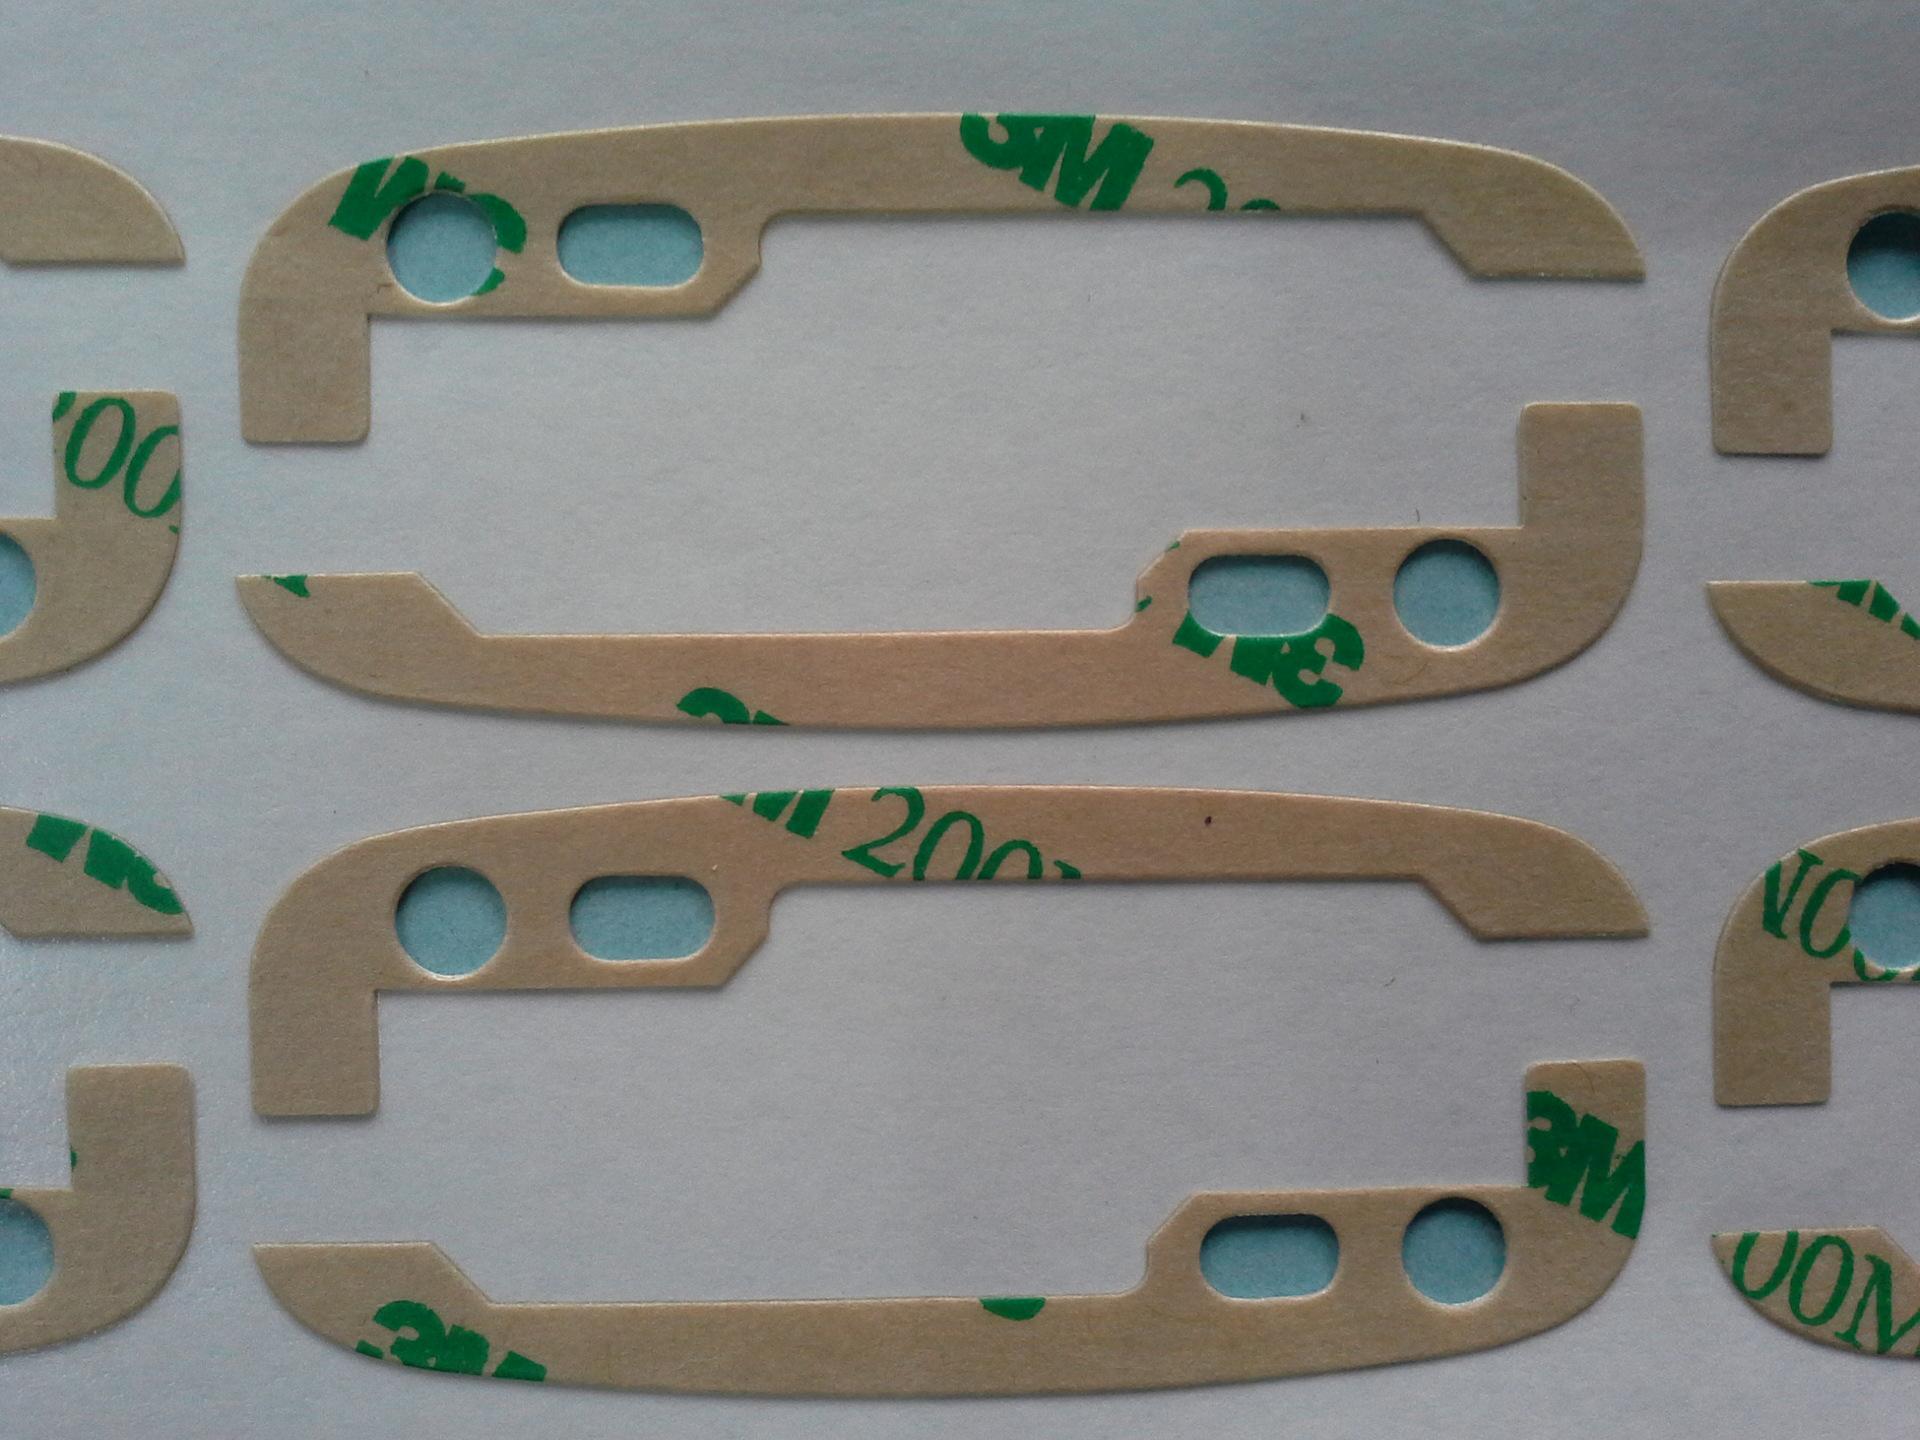 insulation automatic die-cutting machine PVC die cutting machine printting label die cutting machine (1)